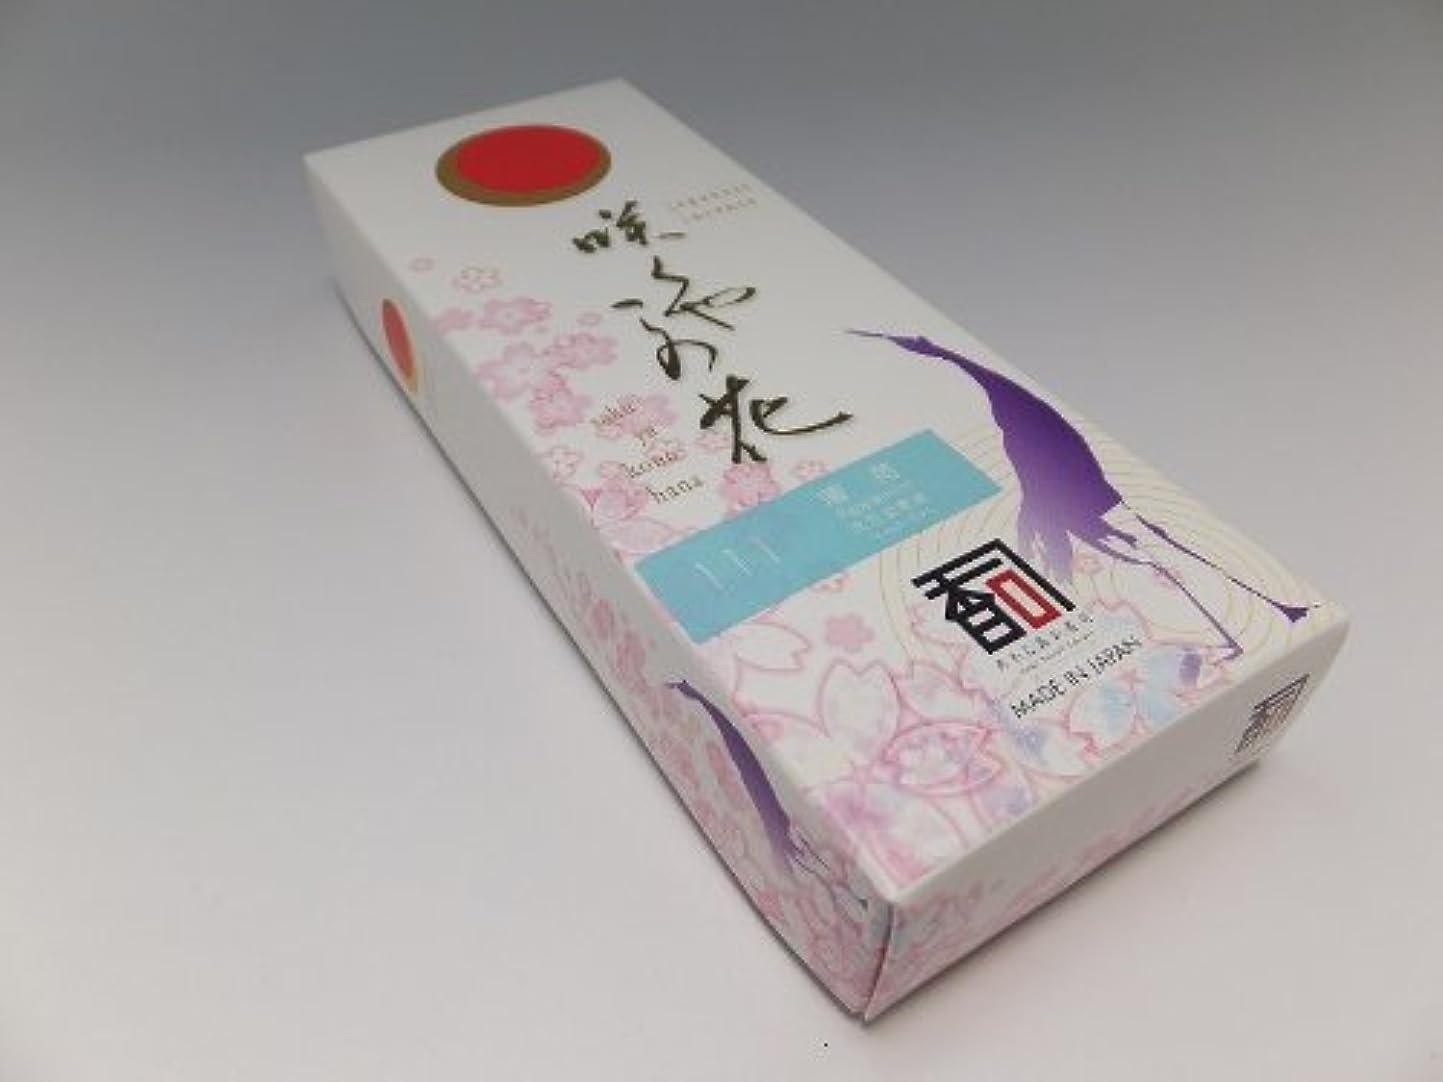 地獄インフルエンザ妊娠した「あわじ島の香司」 日本の香りシリーズ  [咲くや この花] 【111】 薄荷 (煙少)